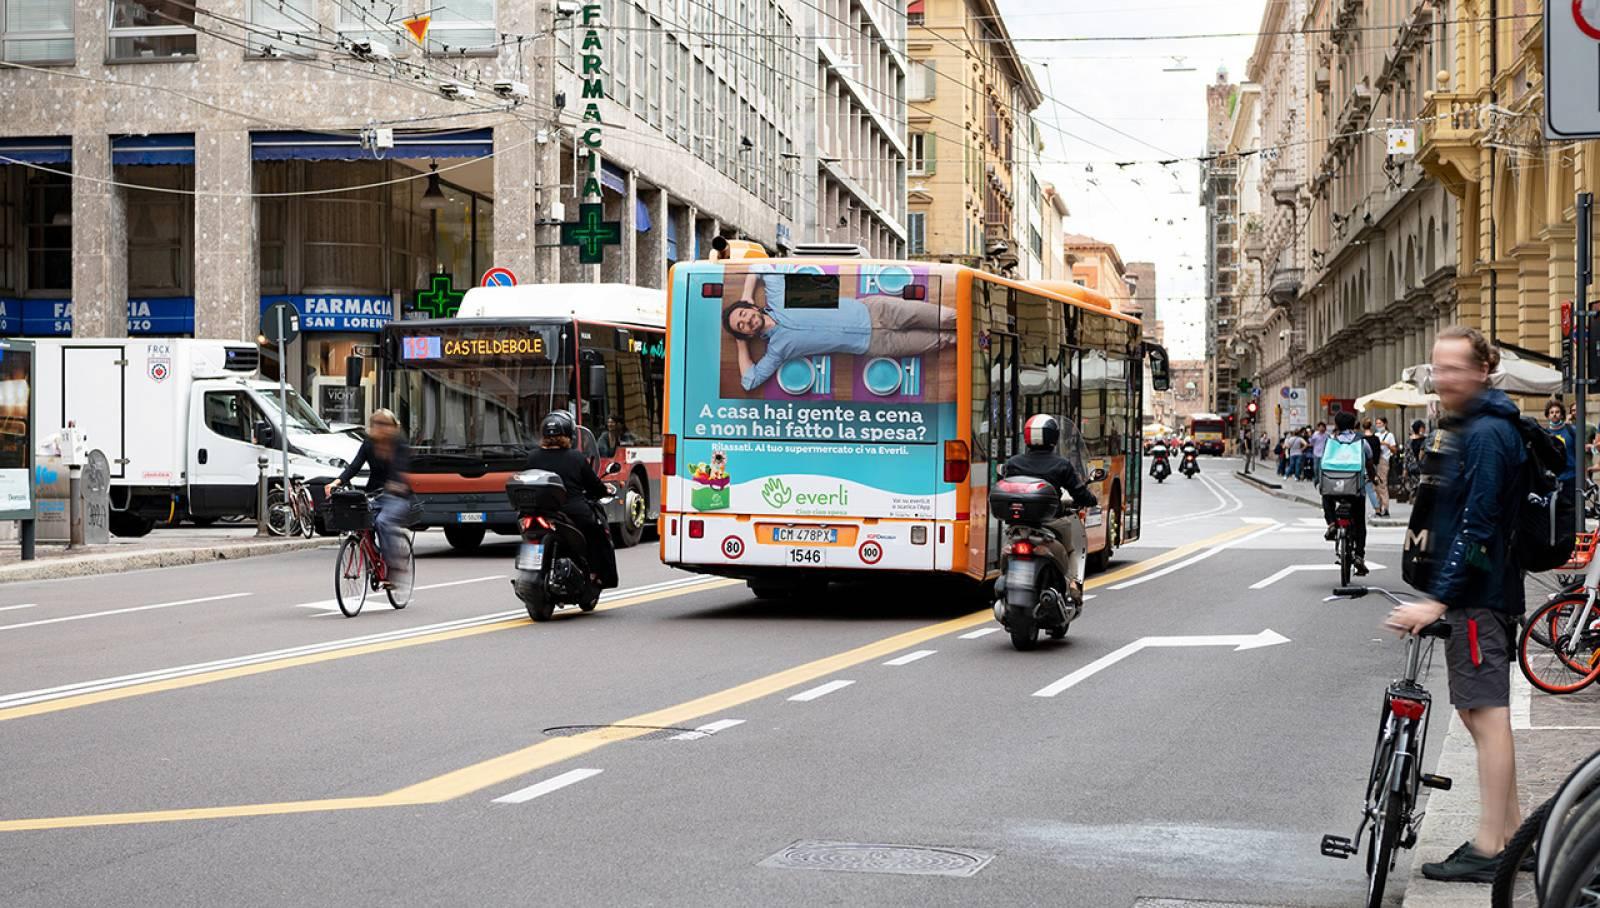 IGPDecaux Bologna Pubblicità su autobus Full-Back per Everli